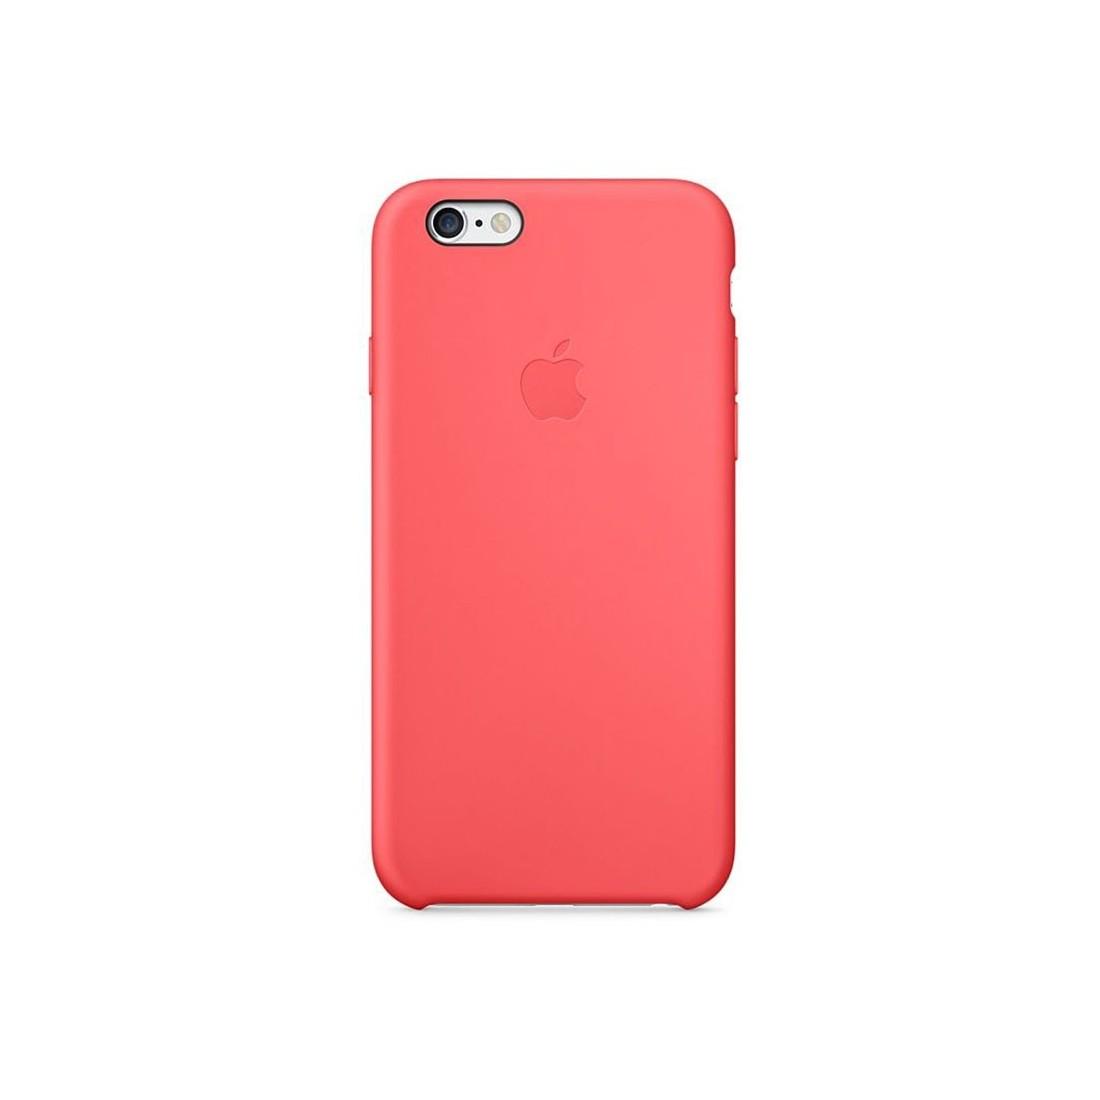 Coque en Silicone Apple pour iPhone 6 Plus - MGXW2ZM/A - Rose - Le ...